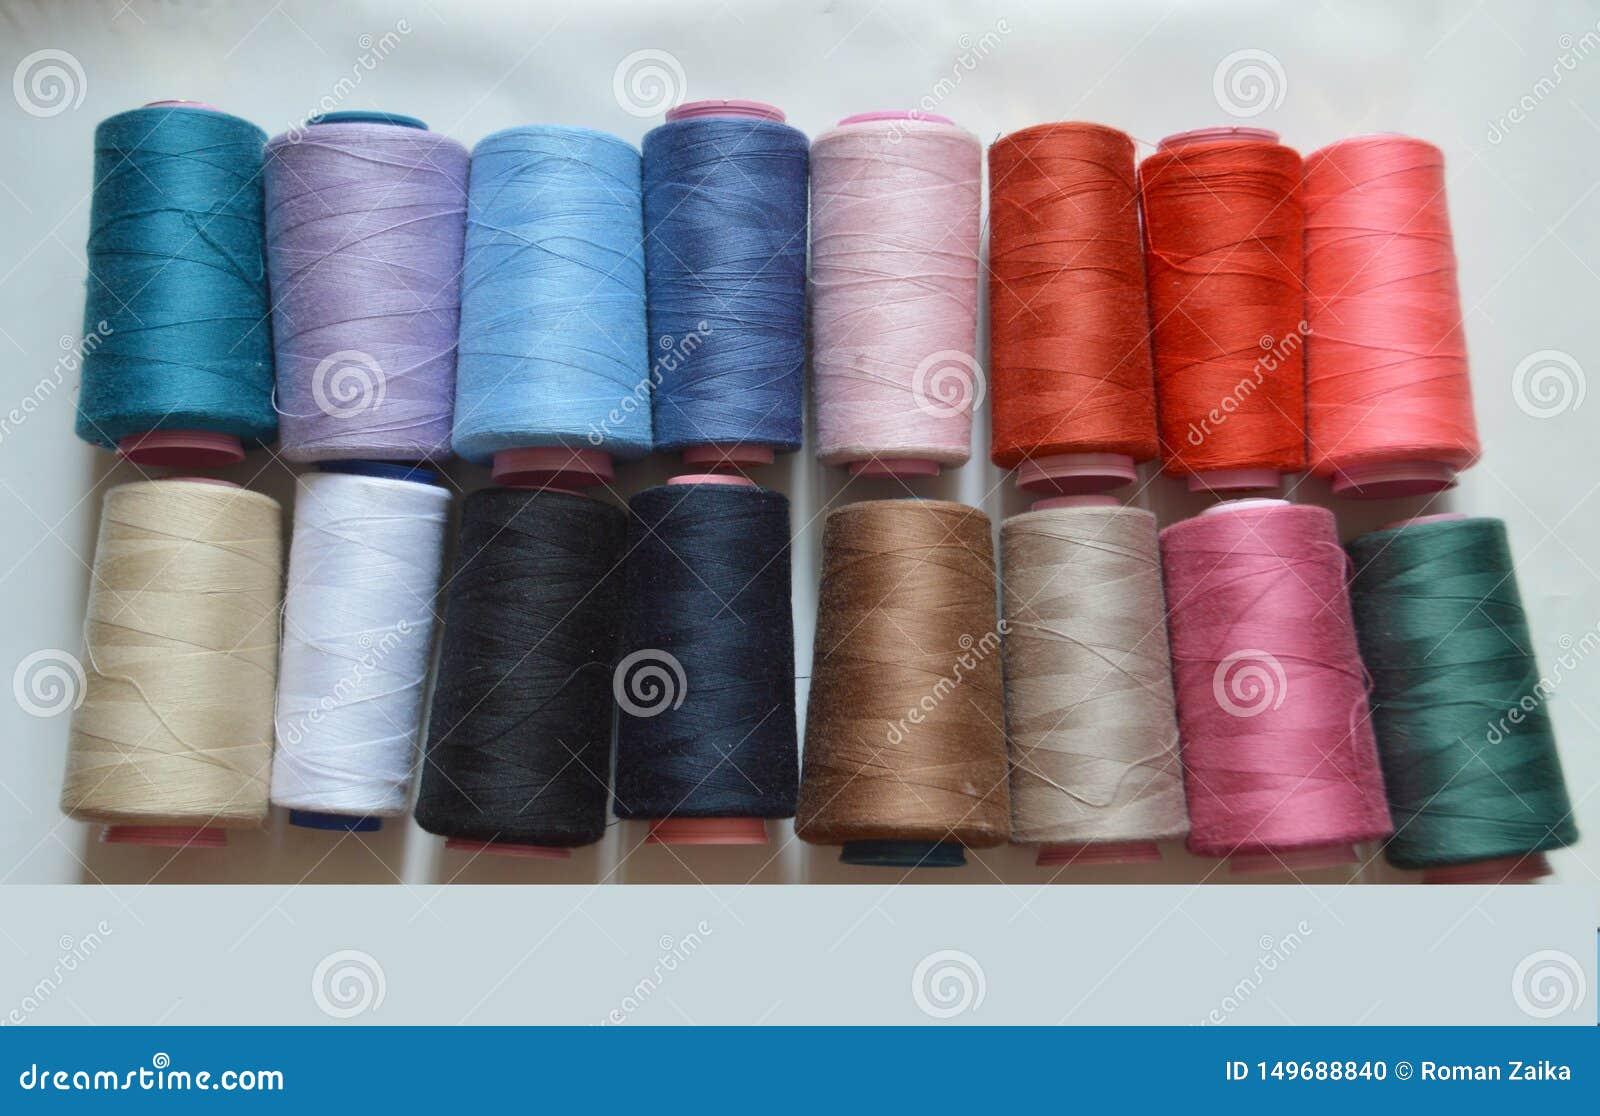 Vari fili colorati per la fabbrica del panno, tessitura, produzione del tessuto, industria dell abbigliamento